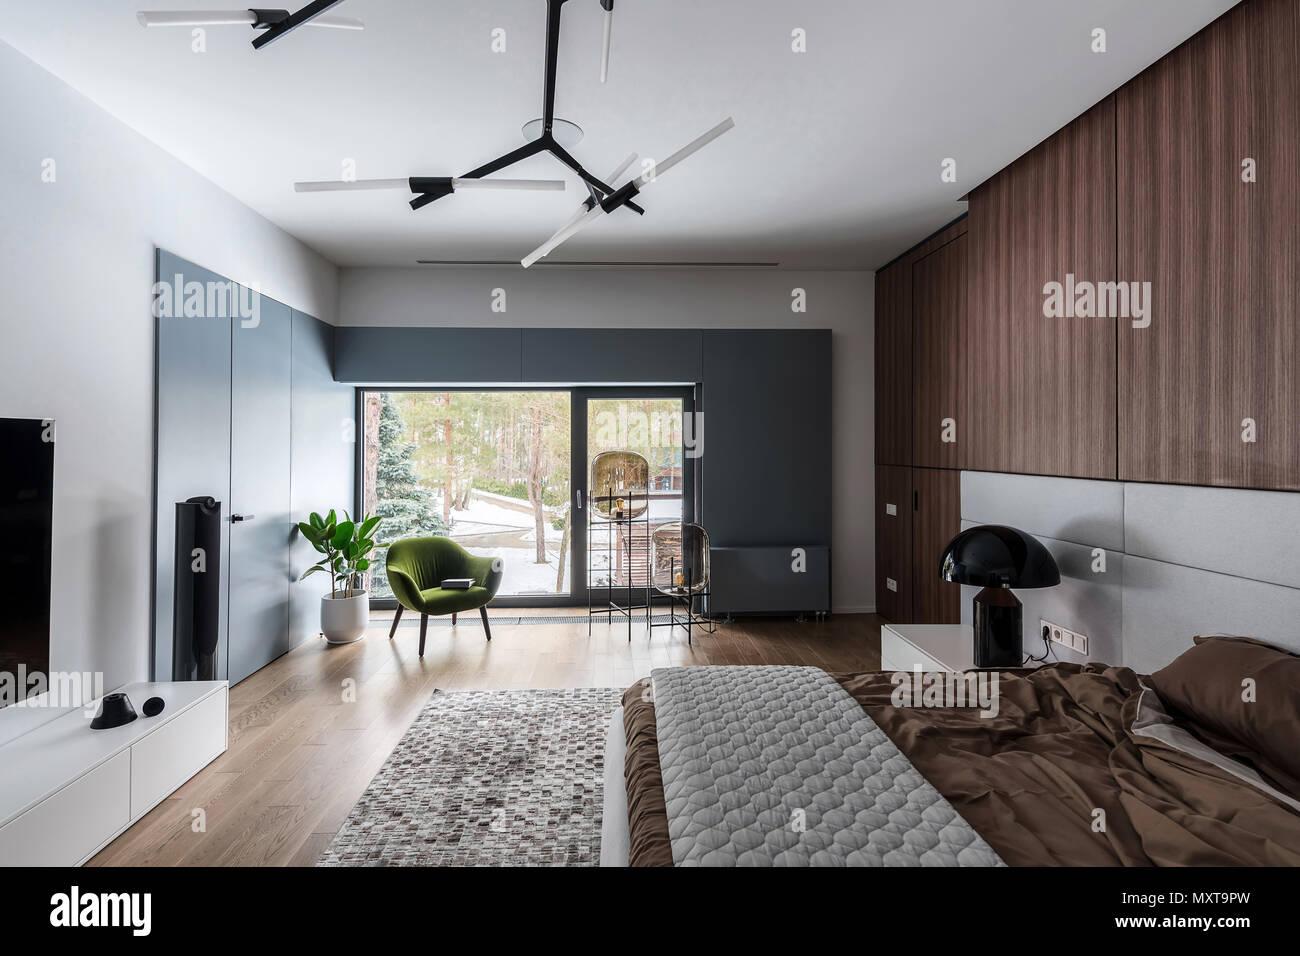 Stilvolle Zimmer Mit Weissen Wanden Und Einem Parkettboden